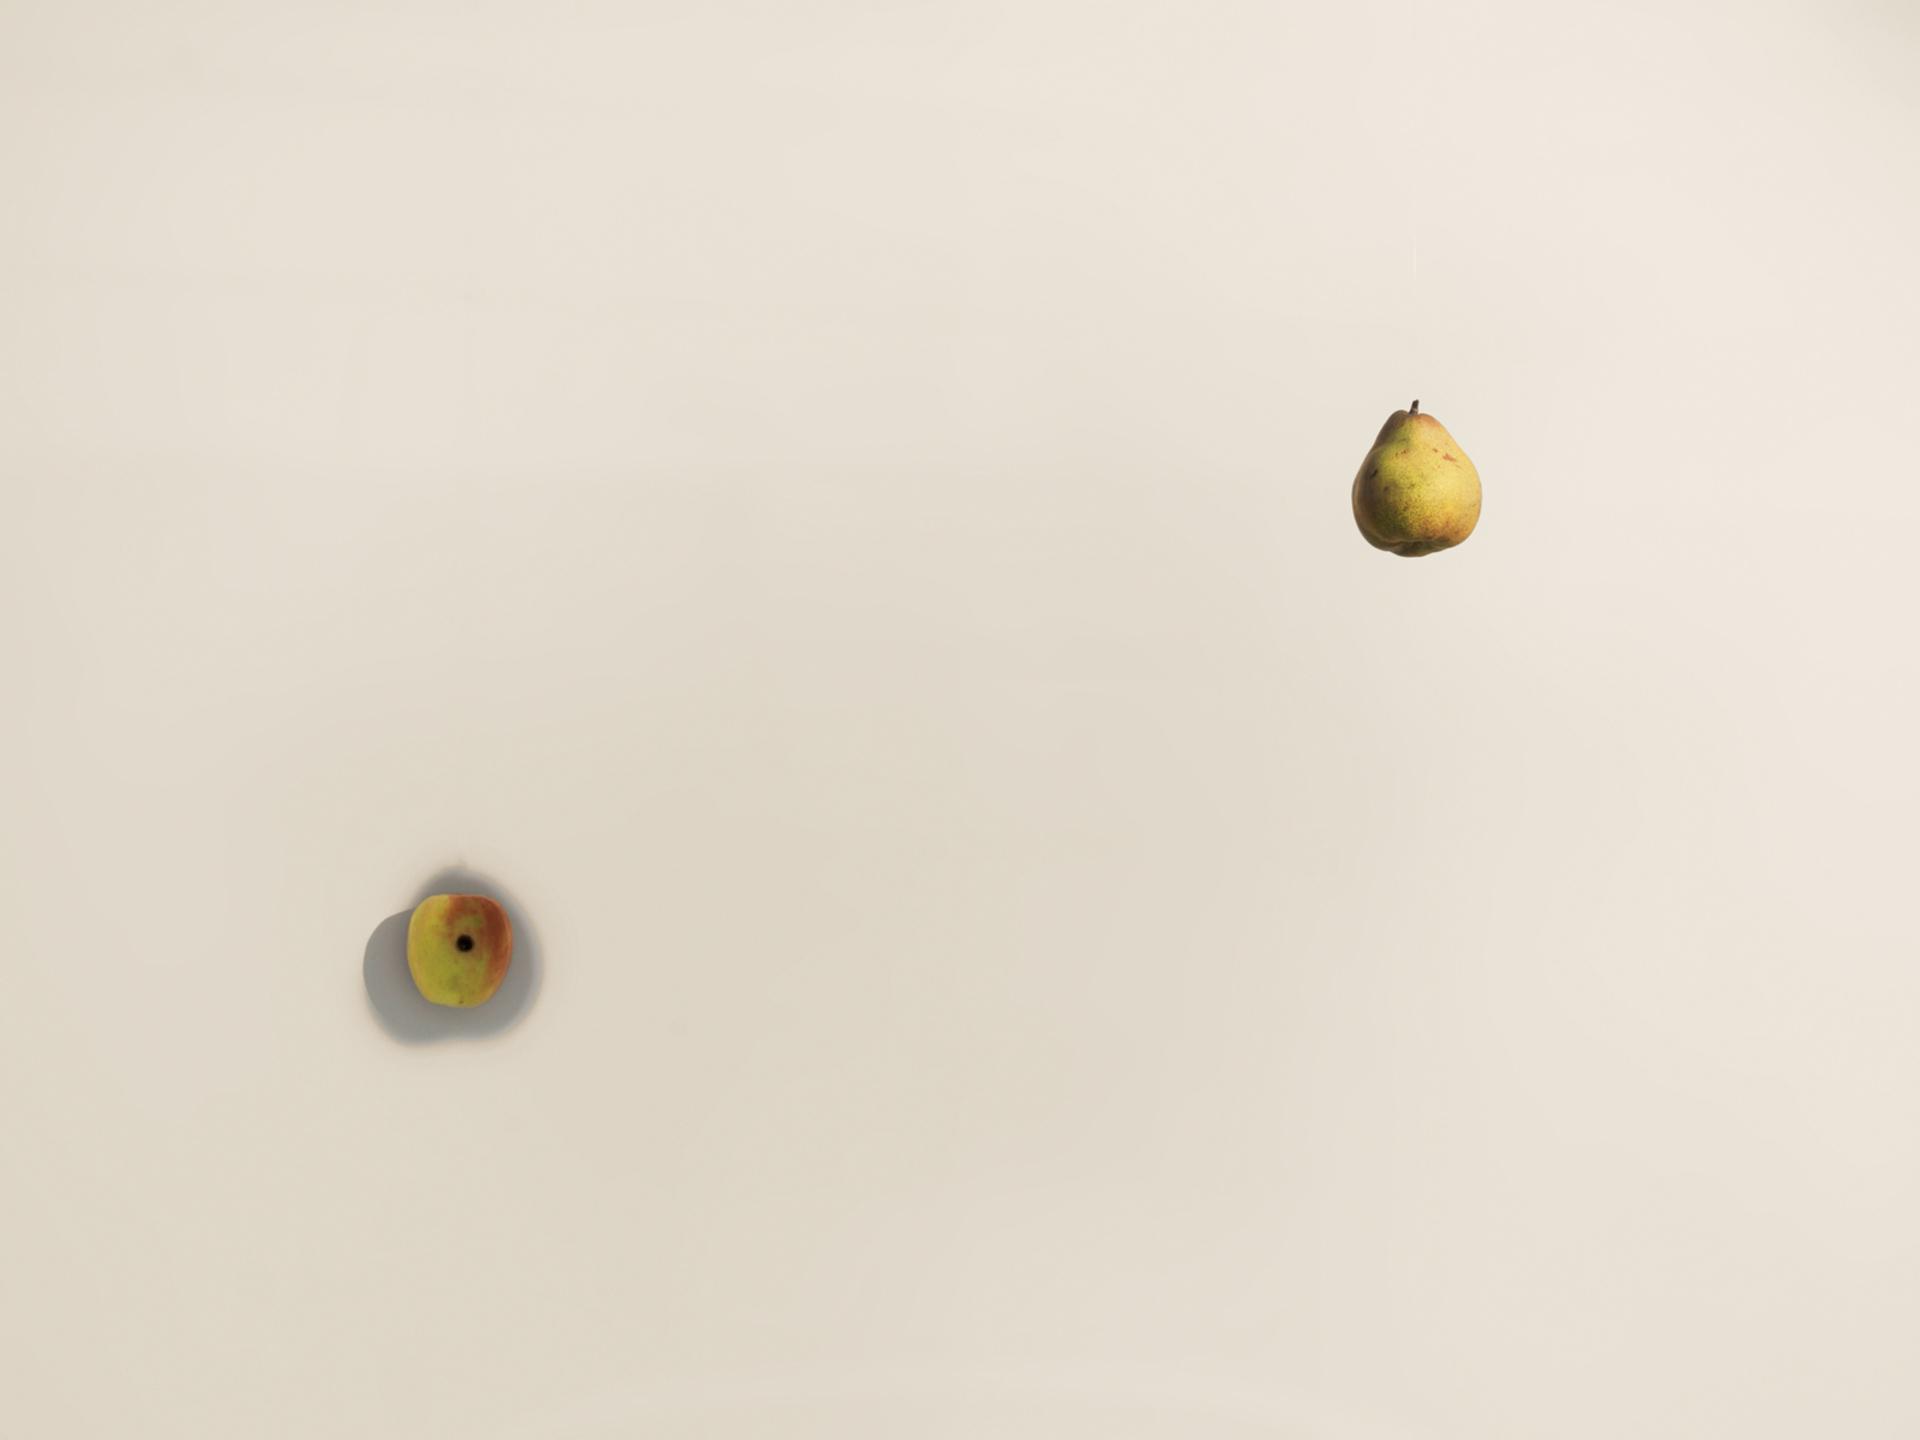 Untitled (Pear / Apple)